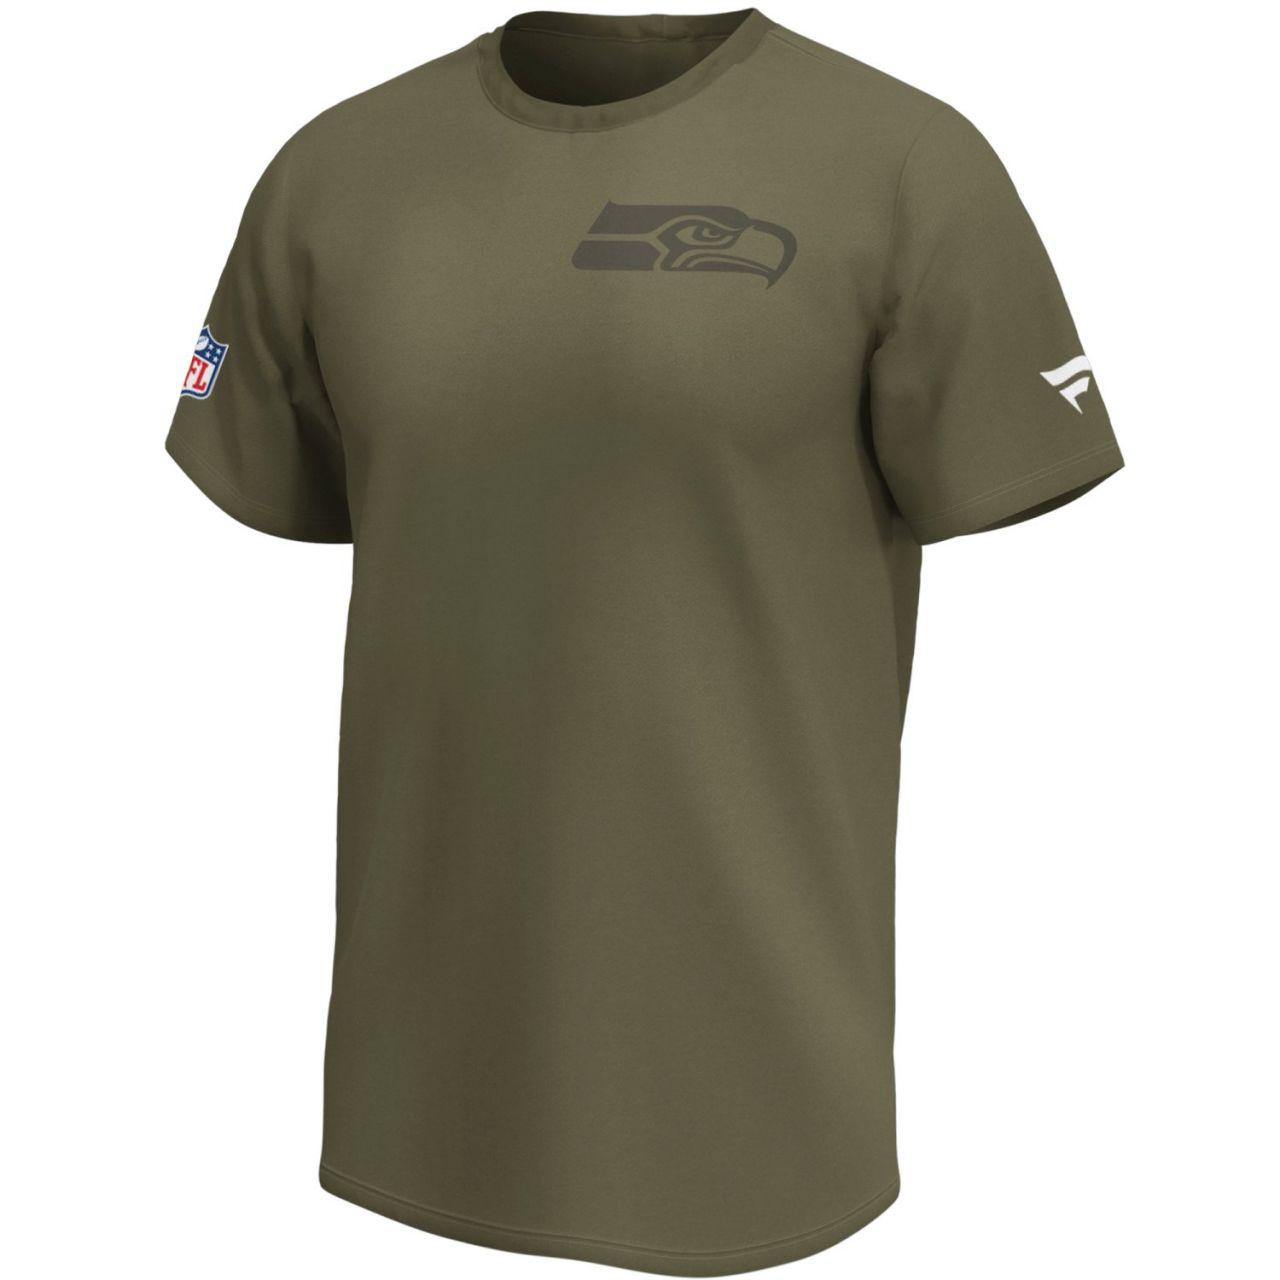 amfoo - Seattle Seahawks NFL Fan Shirt Iconic army green